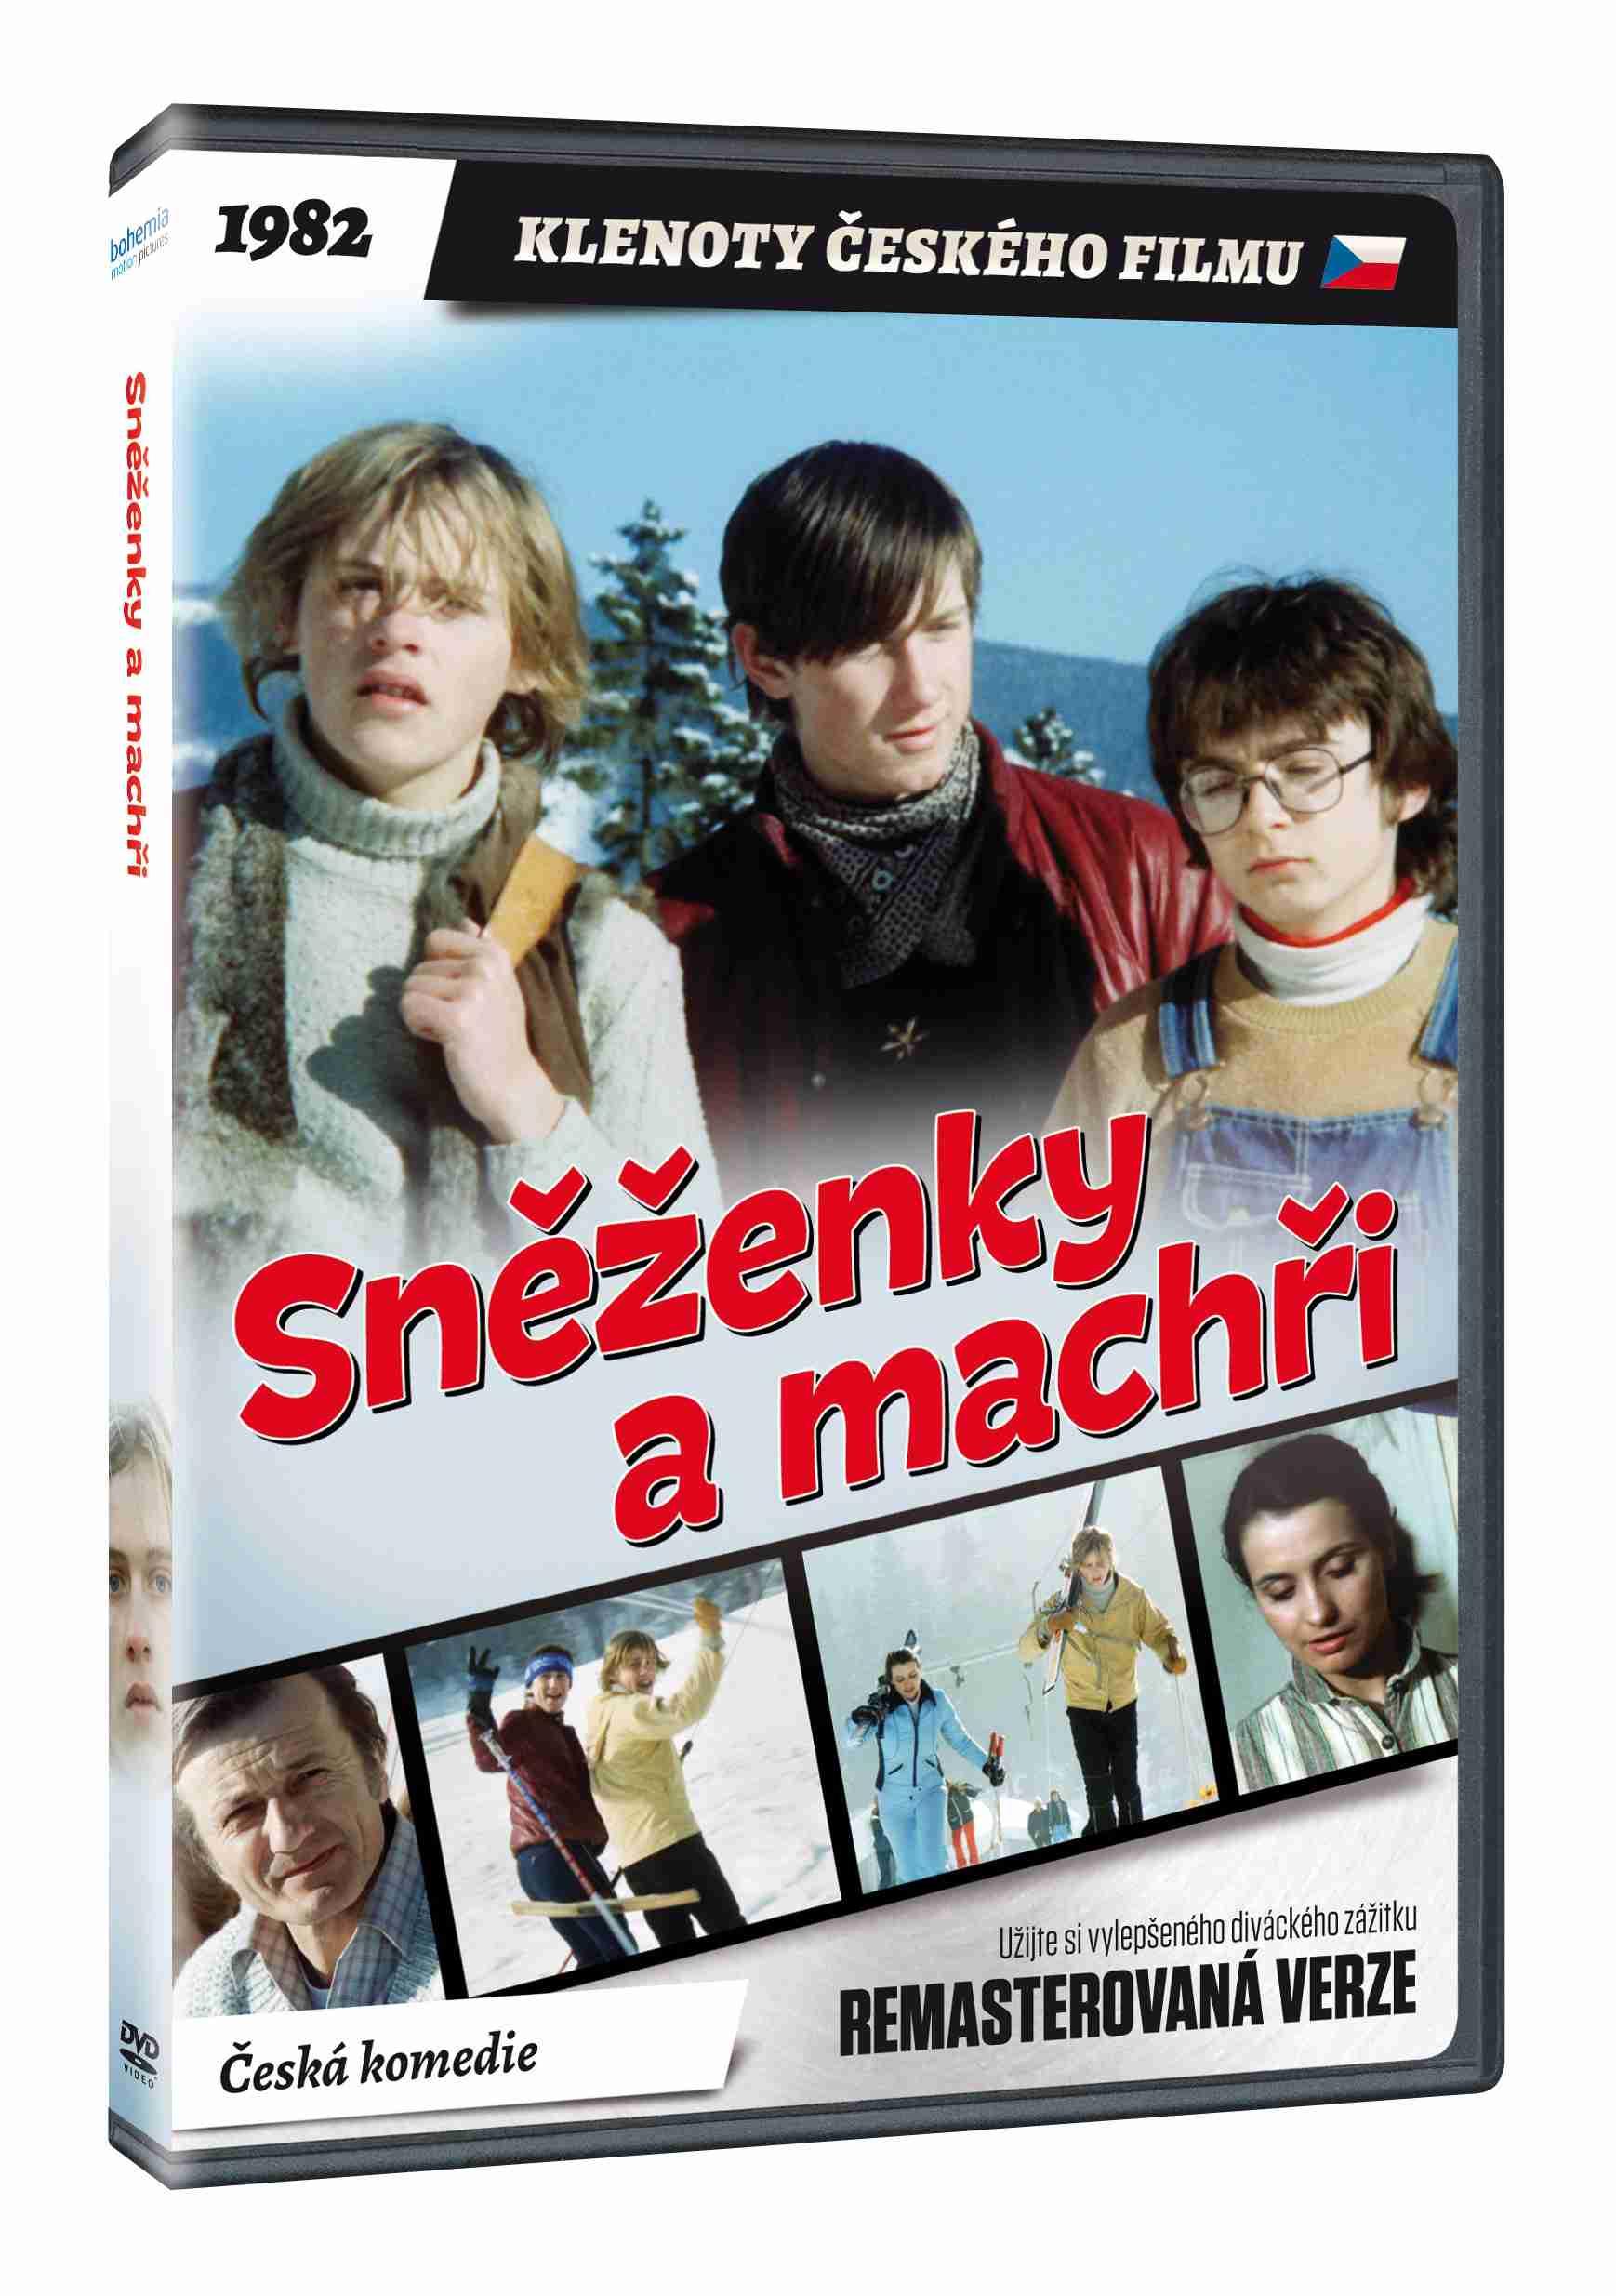 Sněženky a machři - DVD (remasterovaná verze)